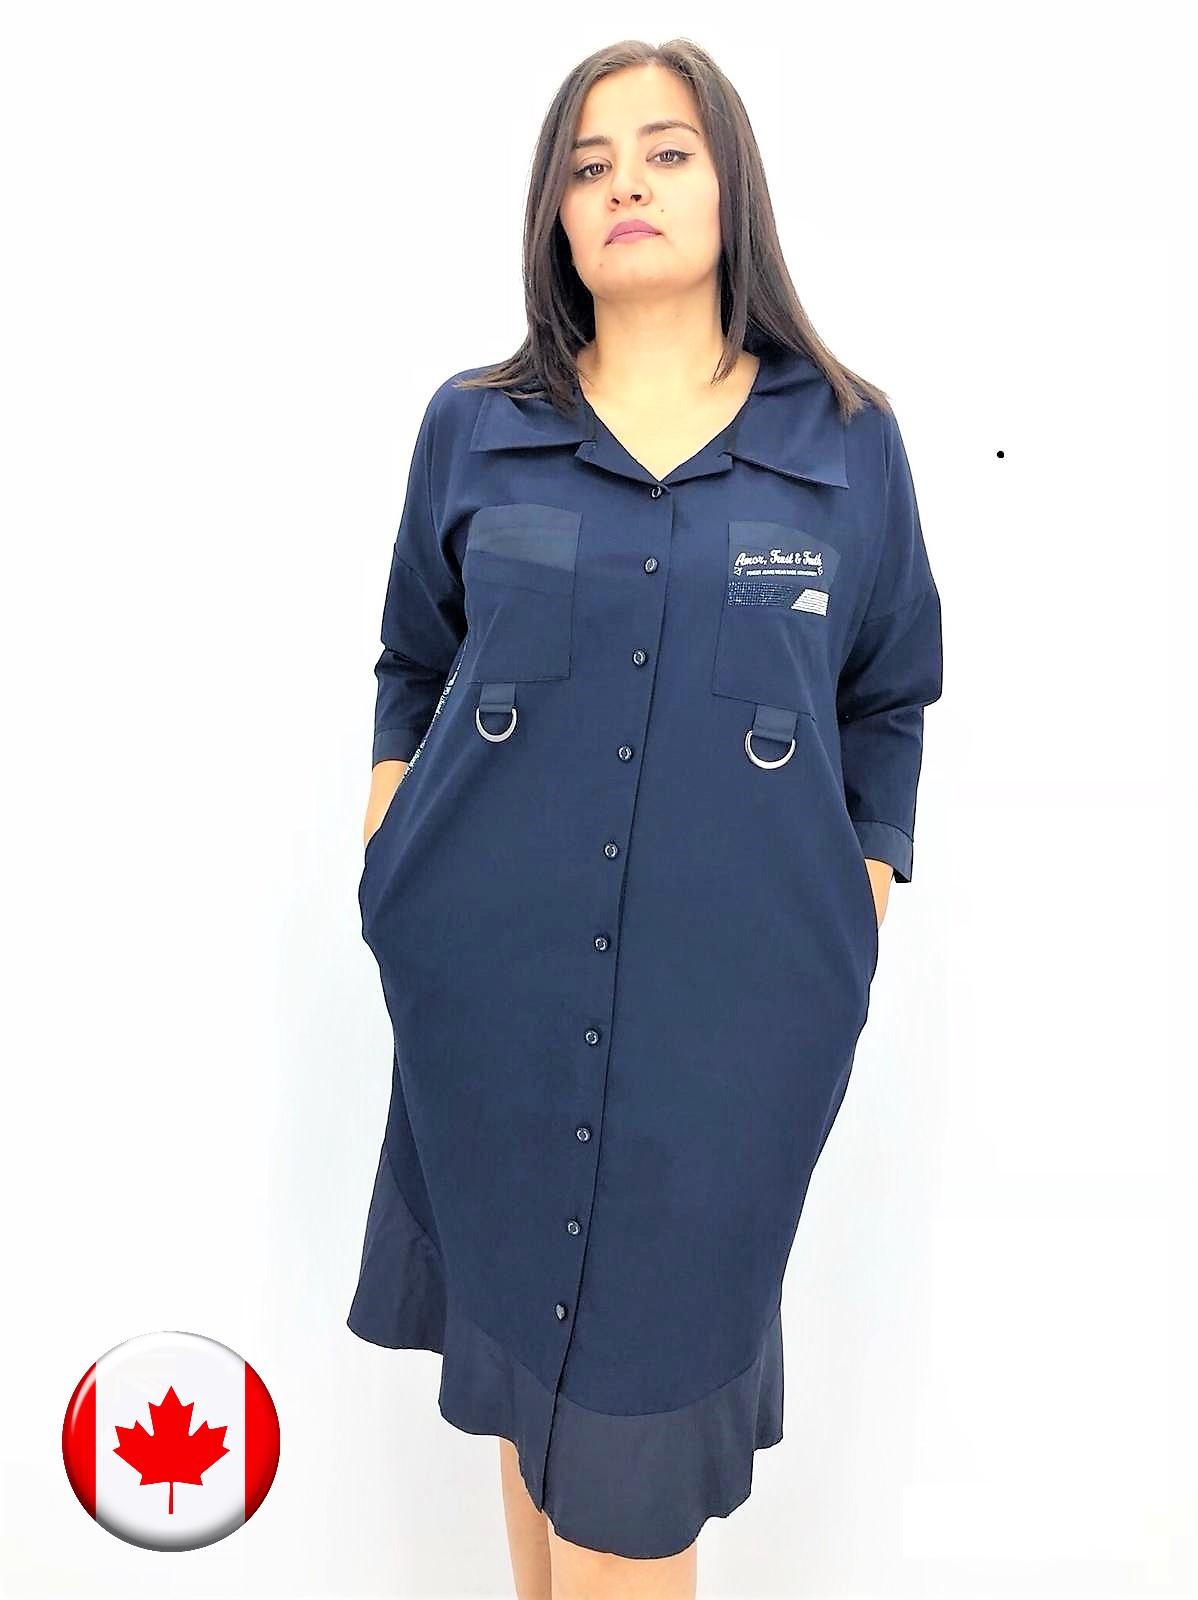 Магазин женской одежды в Сочи и Адлере КАНАДА - женская одежда больших размеров для полных девушек и женщин - фото и каталог